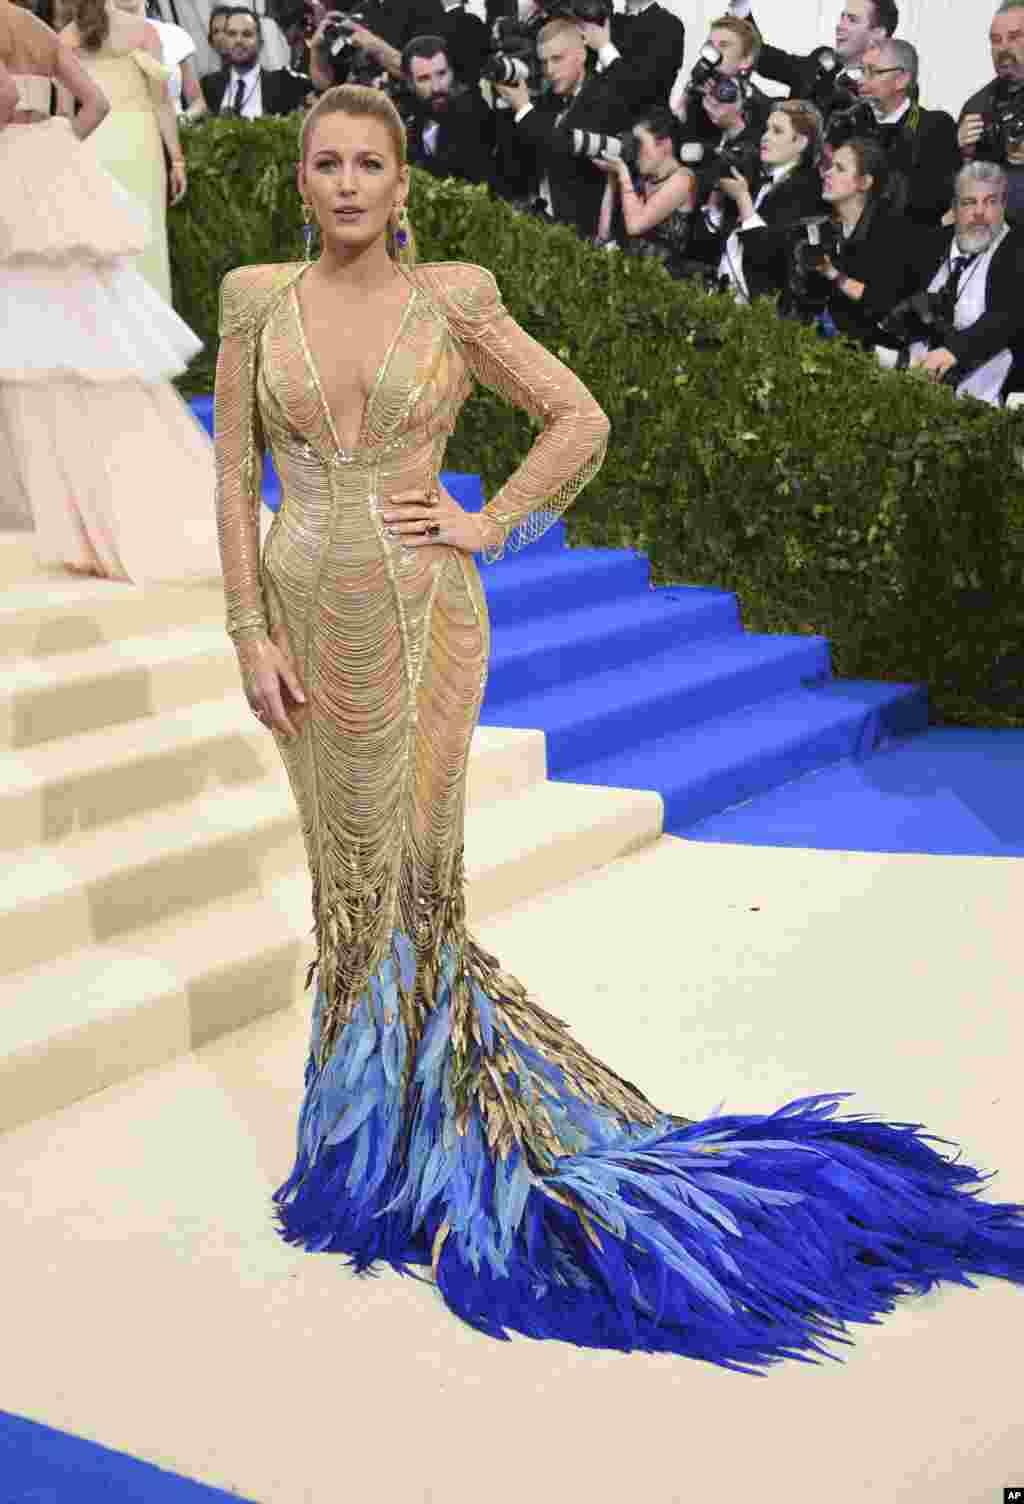 بلیک لایولی در مت گالا ۲۰۱۷، مراسم مد و لباس به نفع موزه متروپولیتن در نیویورک